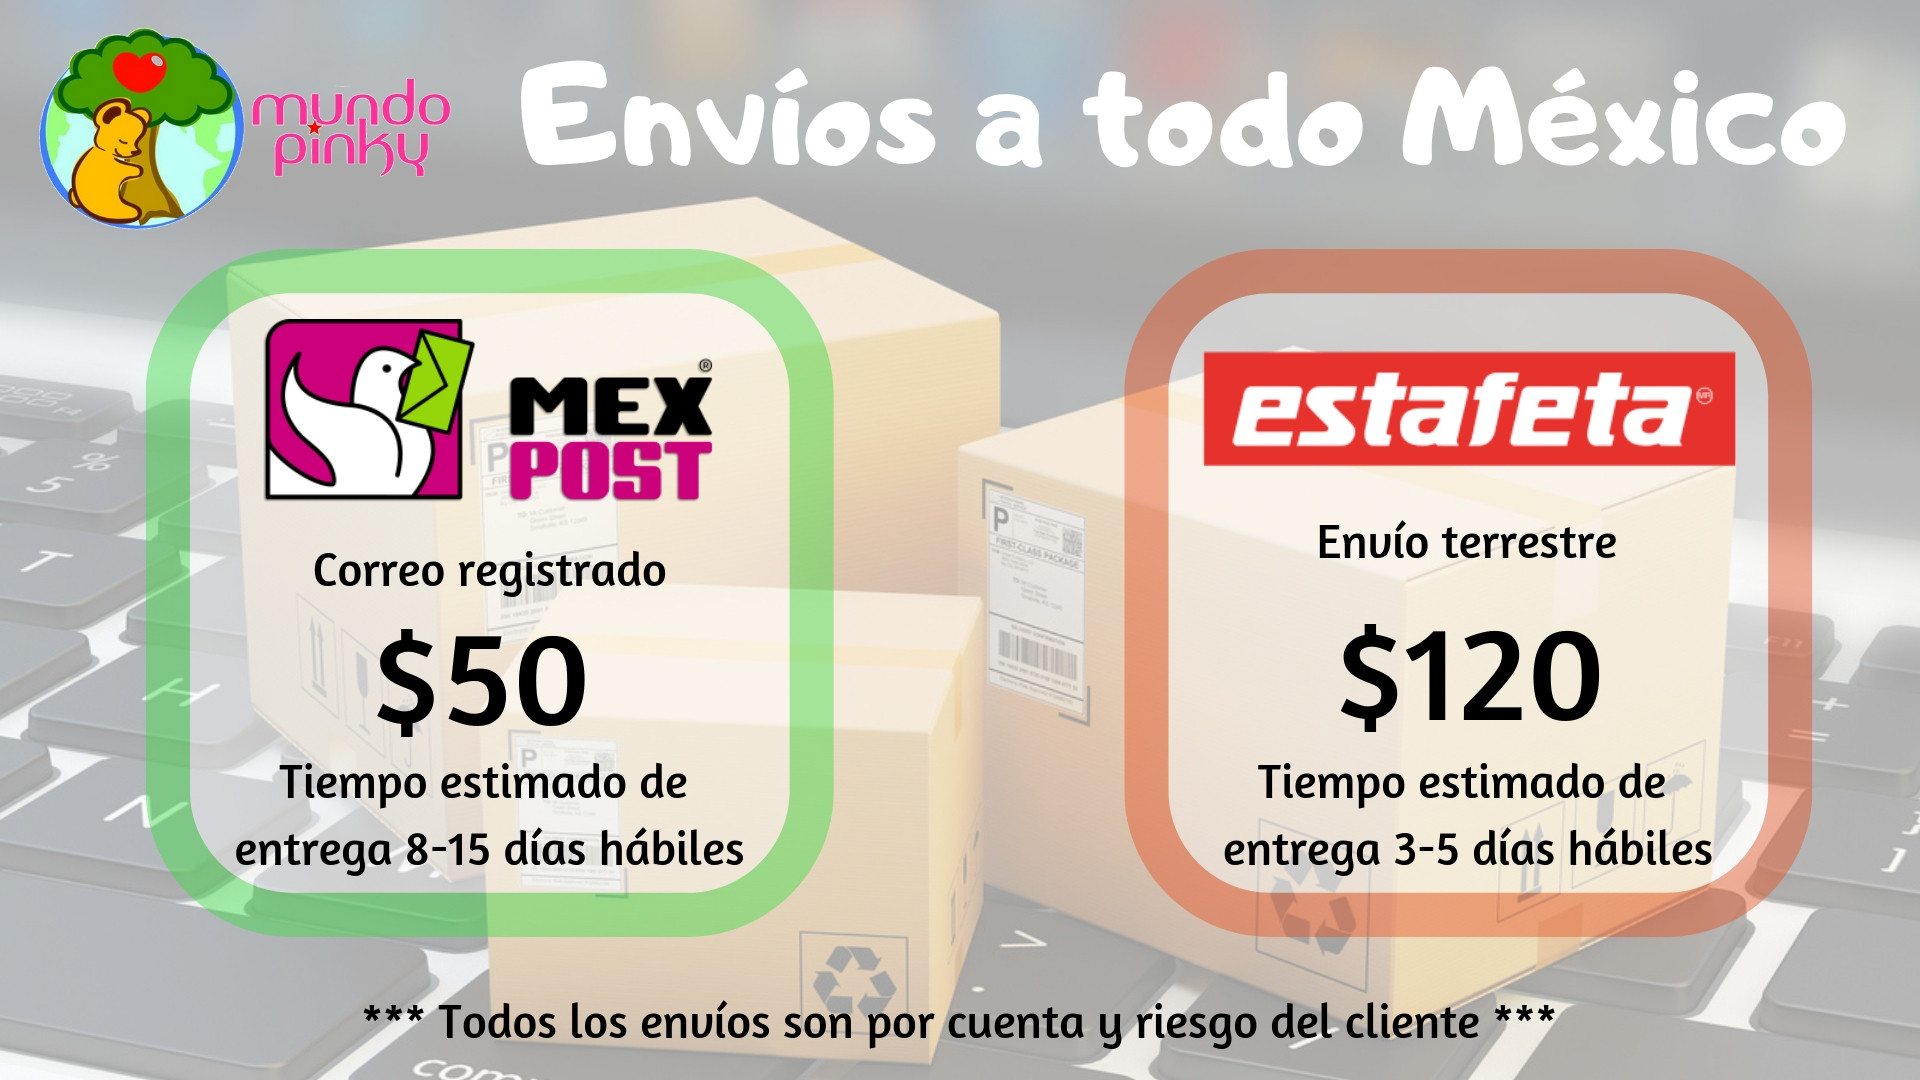 Envíos a todo México.jpg